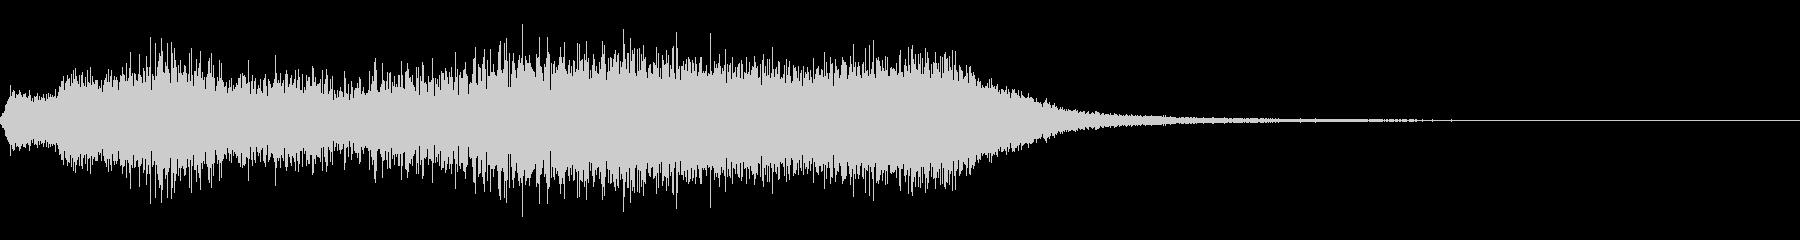 フィルタードスイープフライバイの未再生の波形